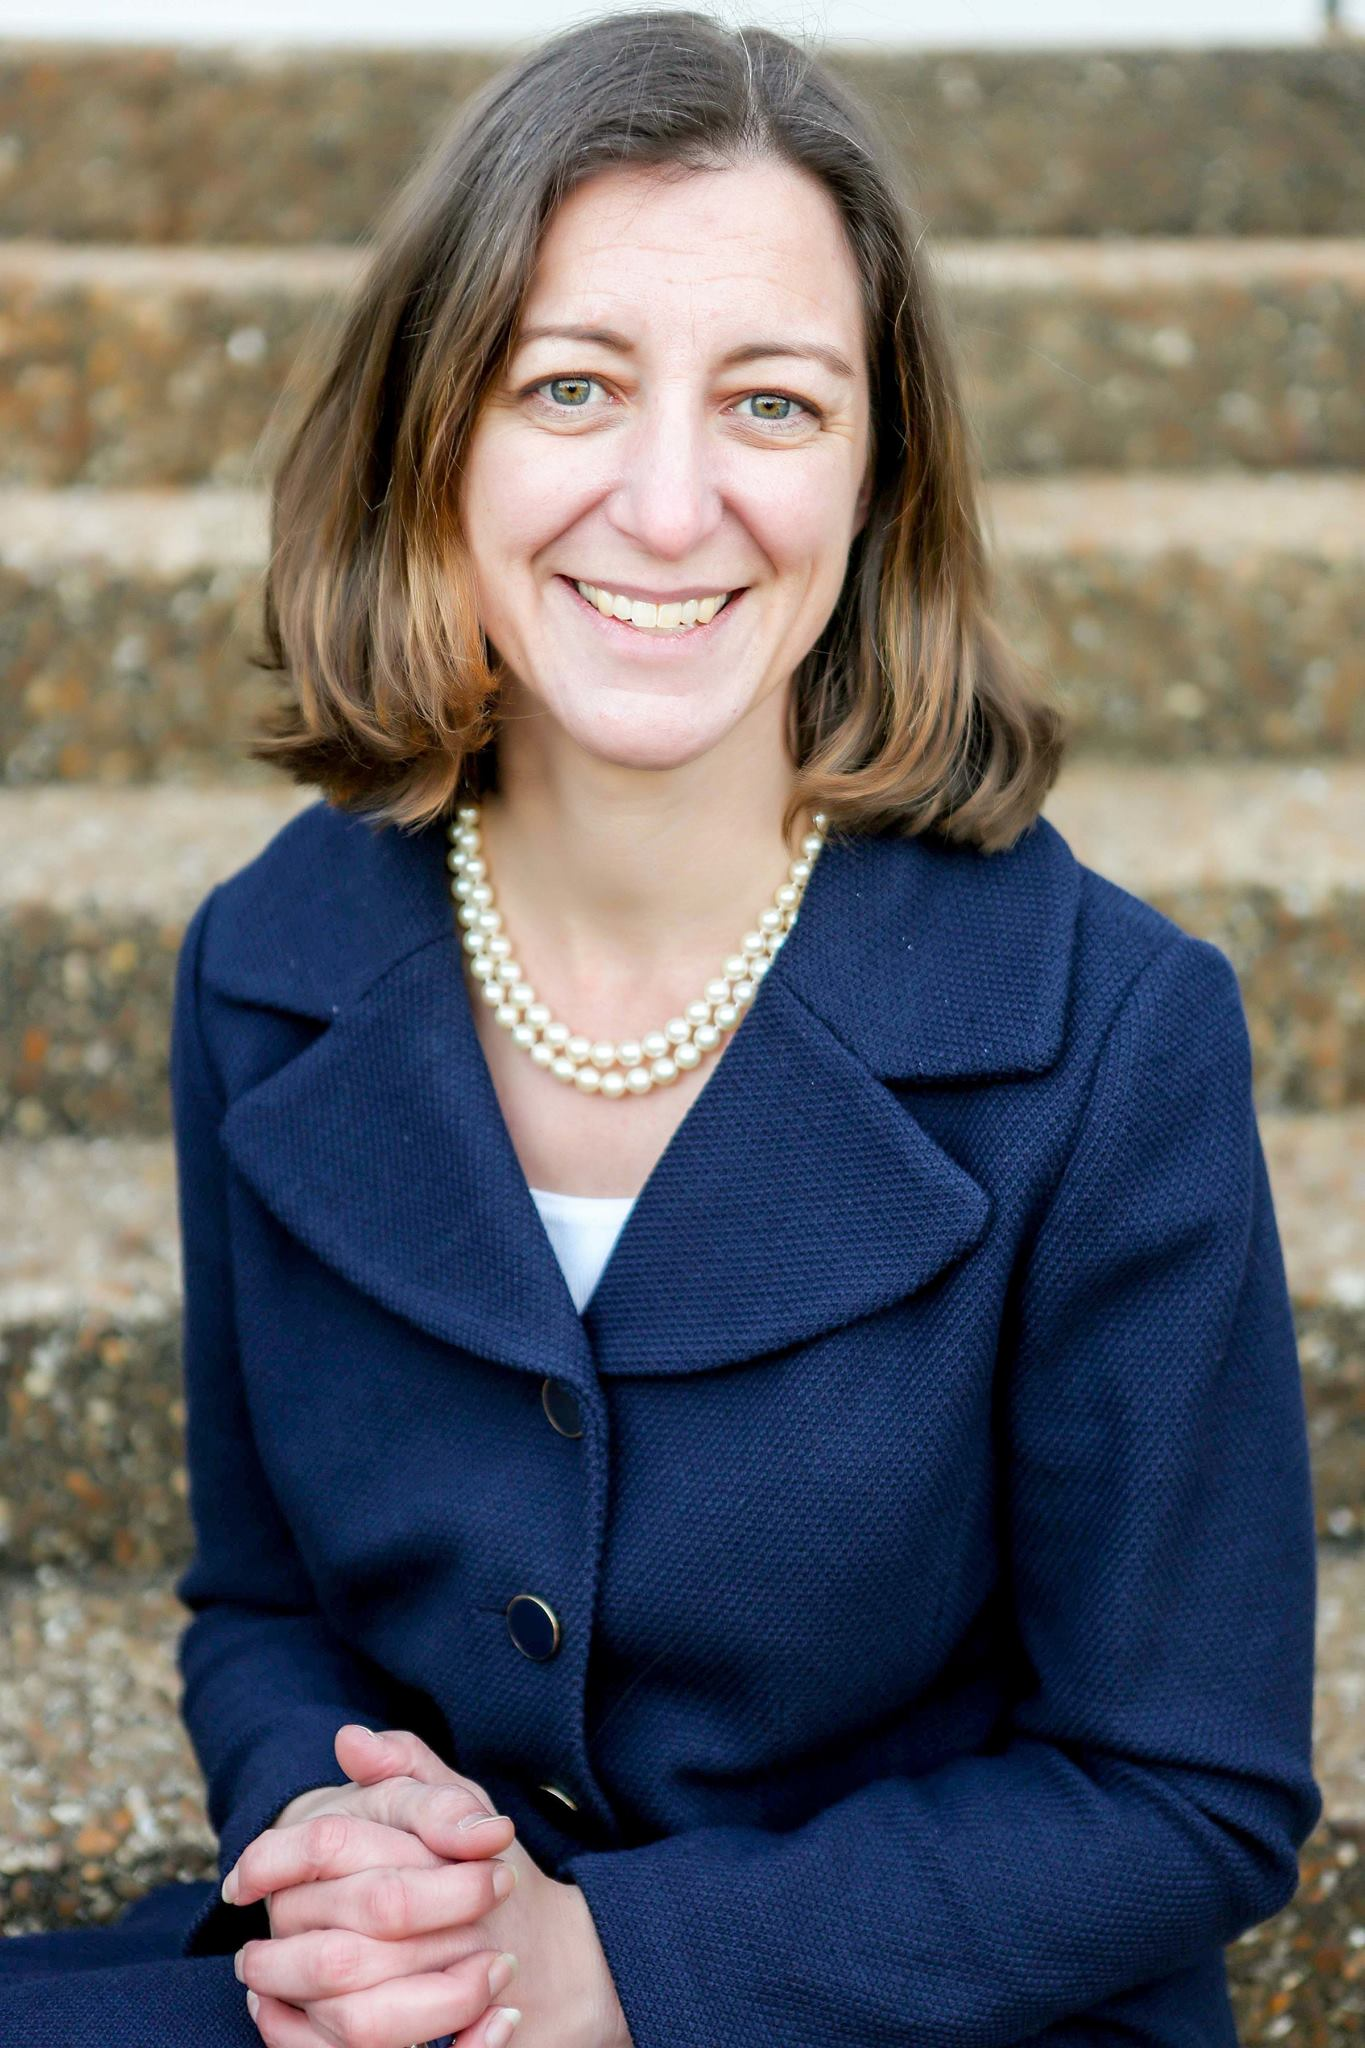 Elaine Luria (VA-02)